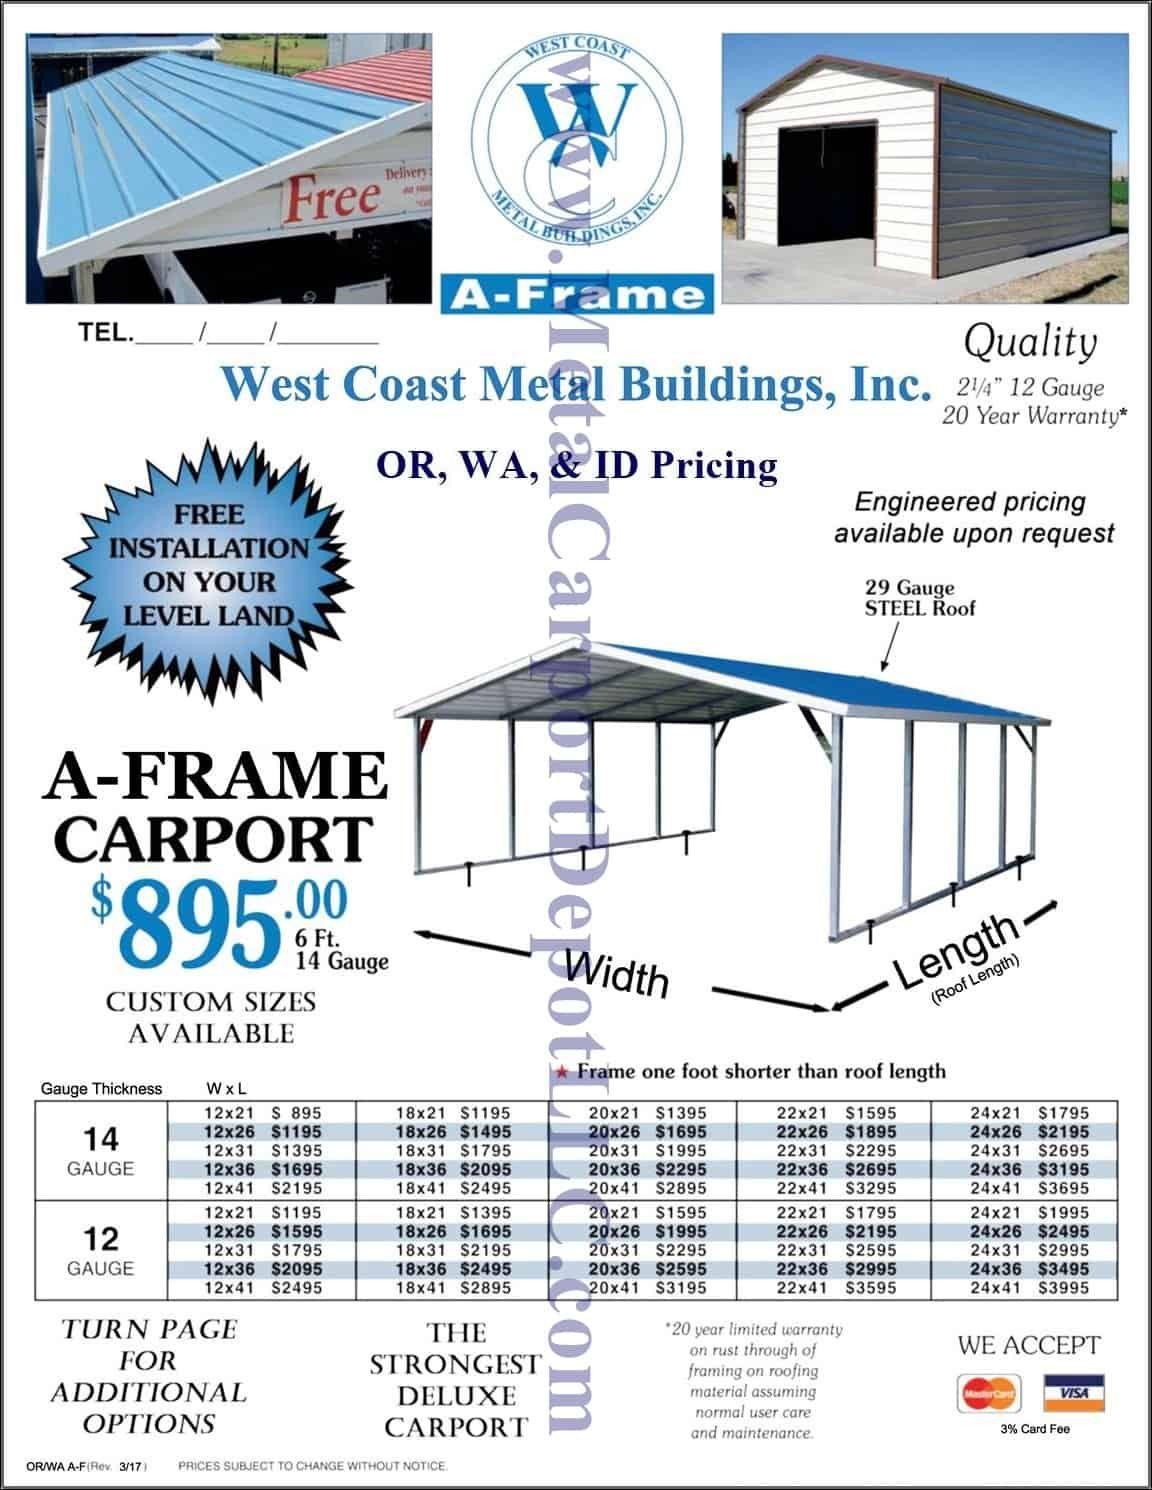 Metal Carport Buildings Ca Nv Or Pricing Metal Carports Carport Metal Buildings